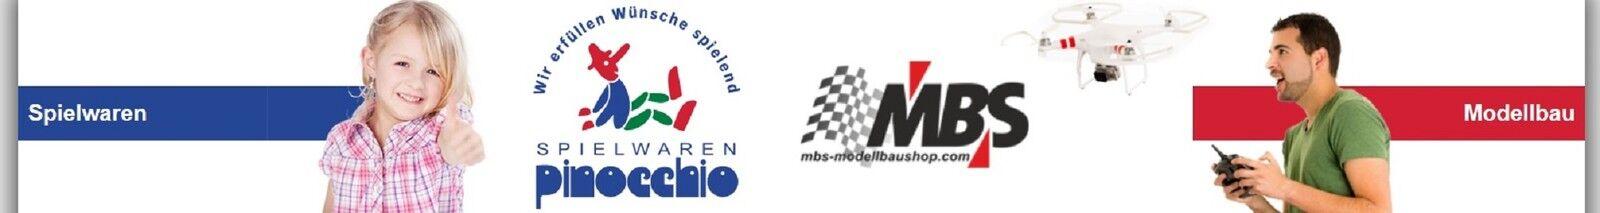 mbs-solingen